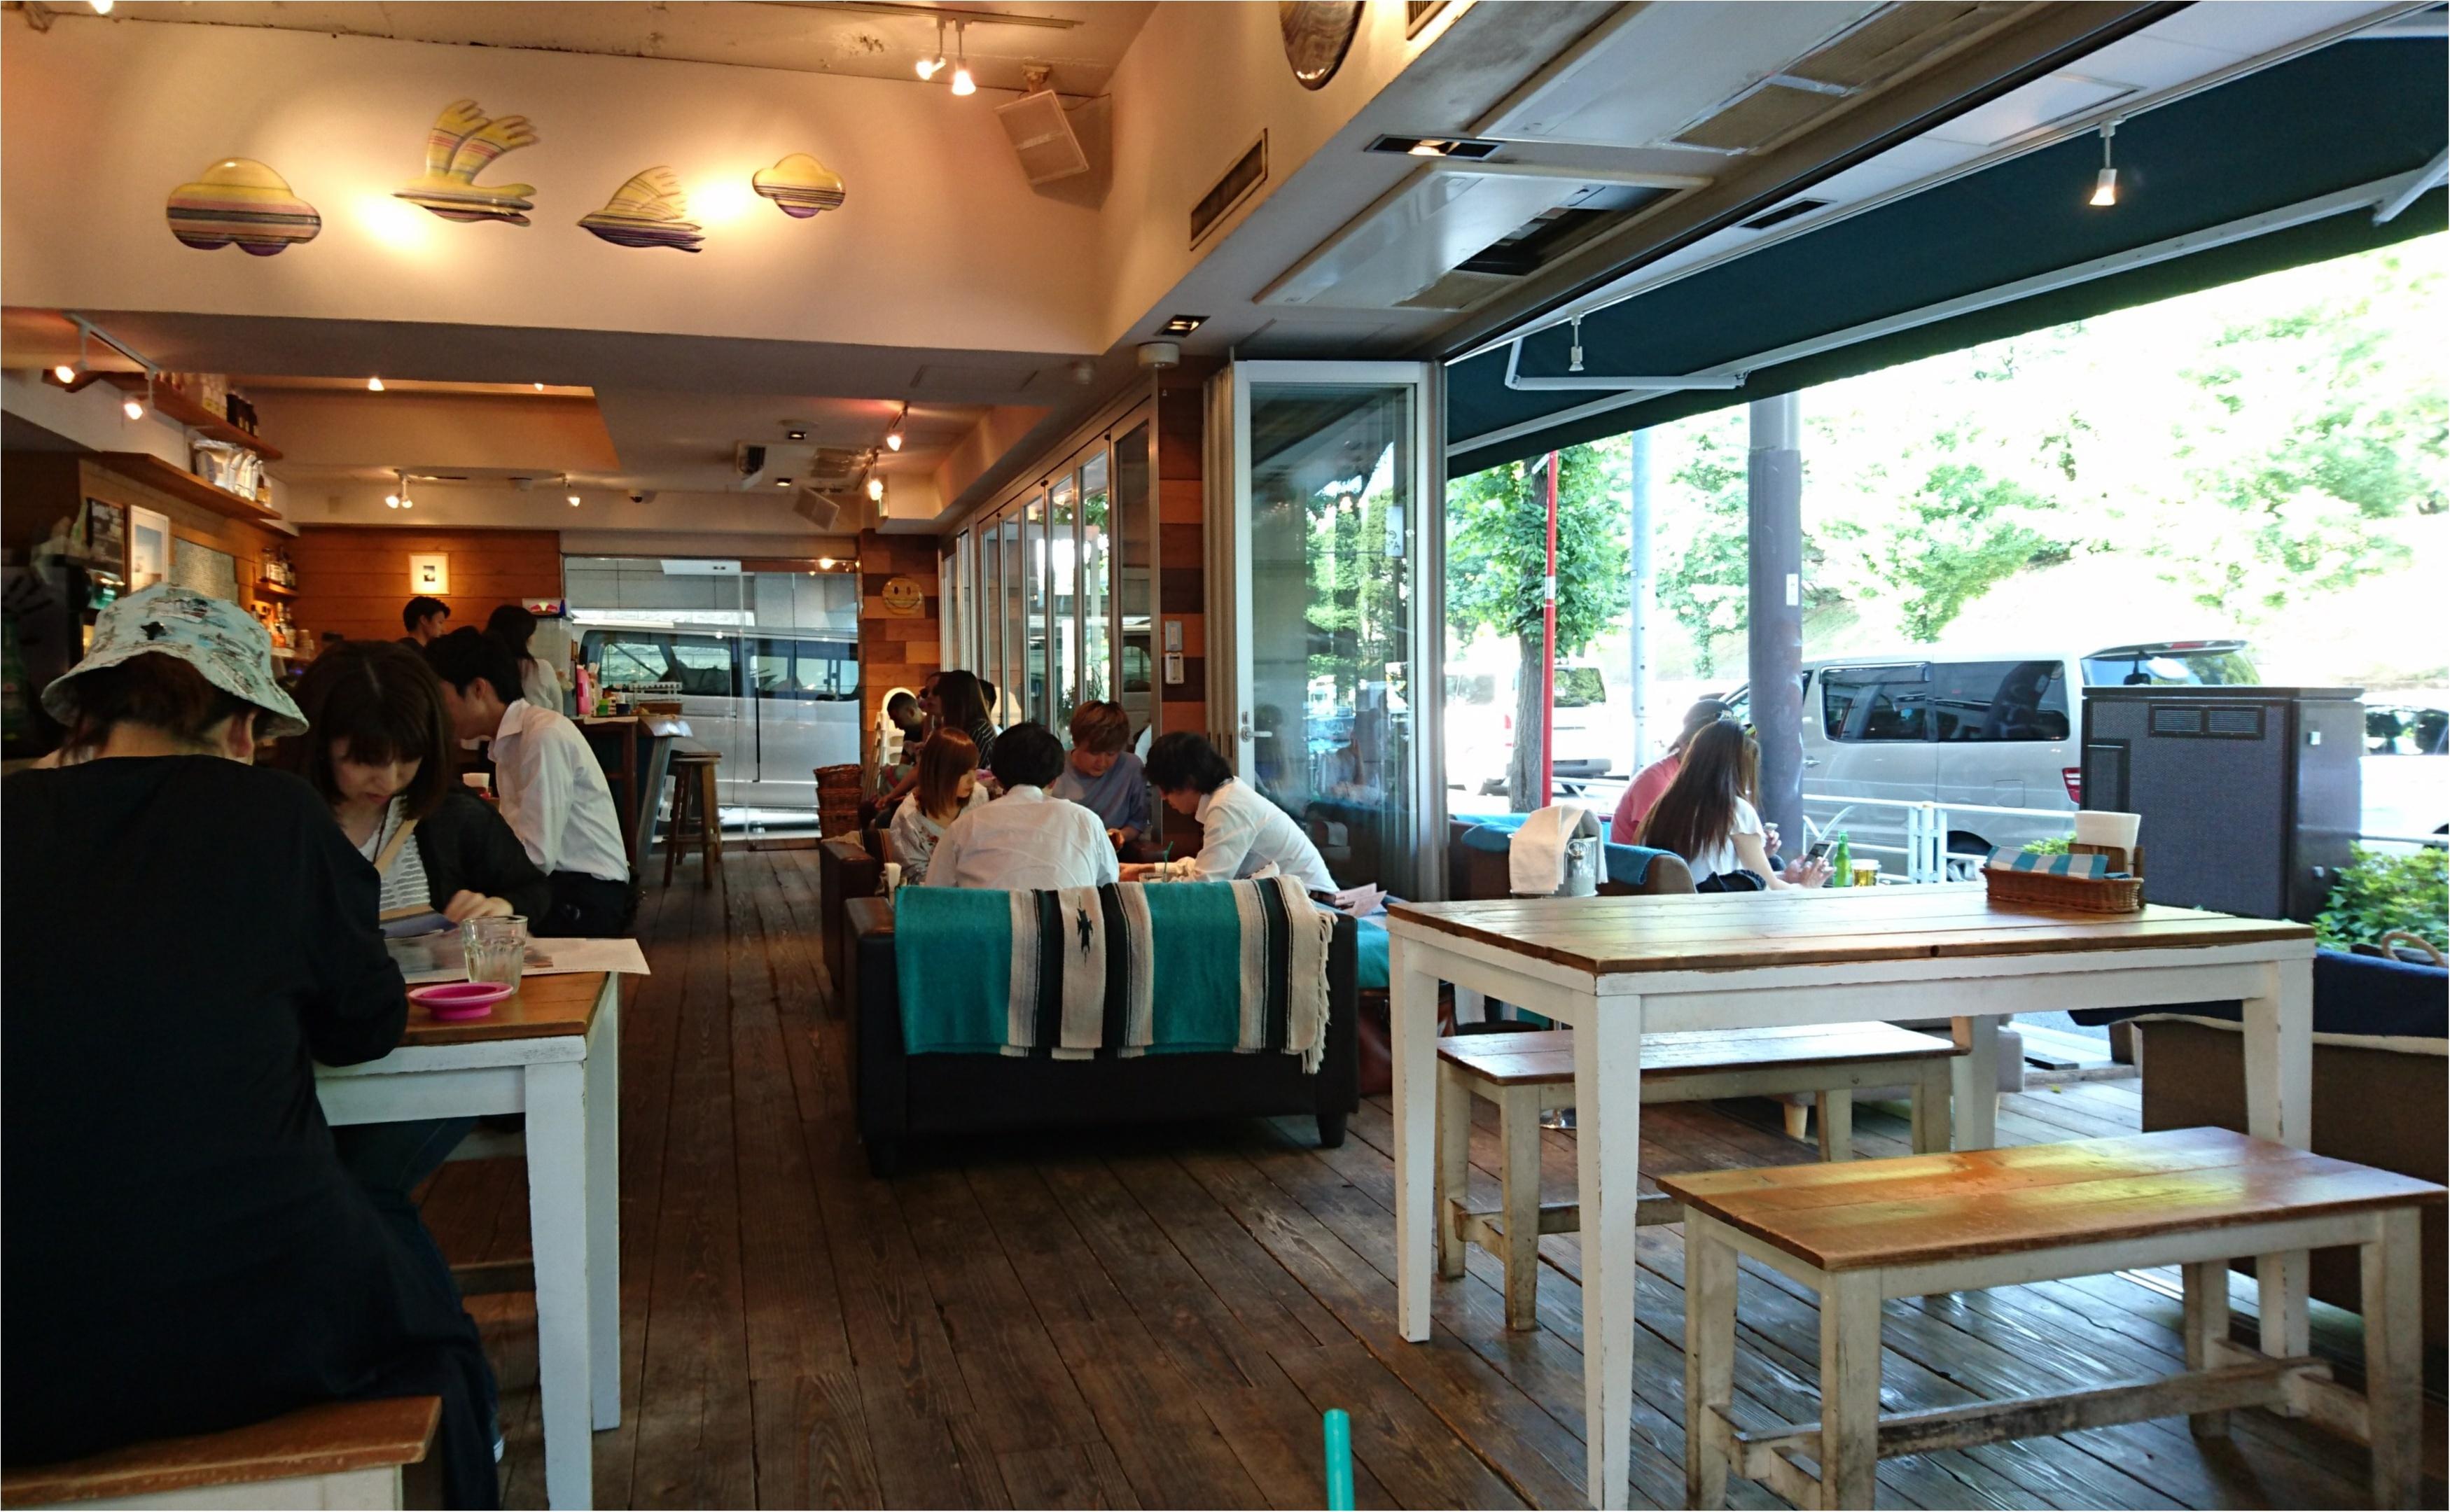 【カフェ】ビーチカフェで南国気分ヽ(´▽`)/_2